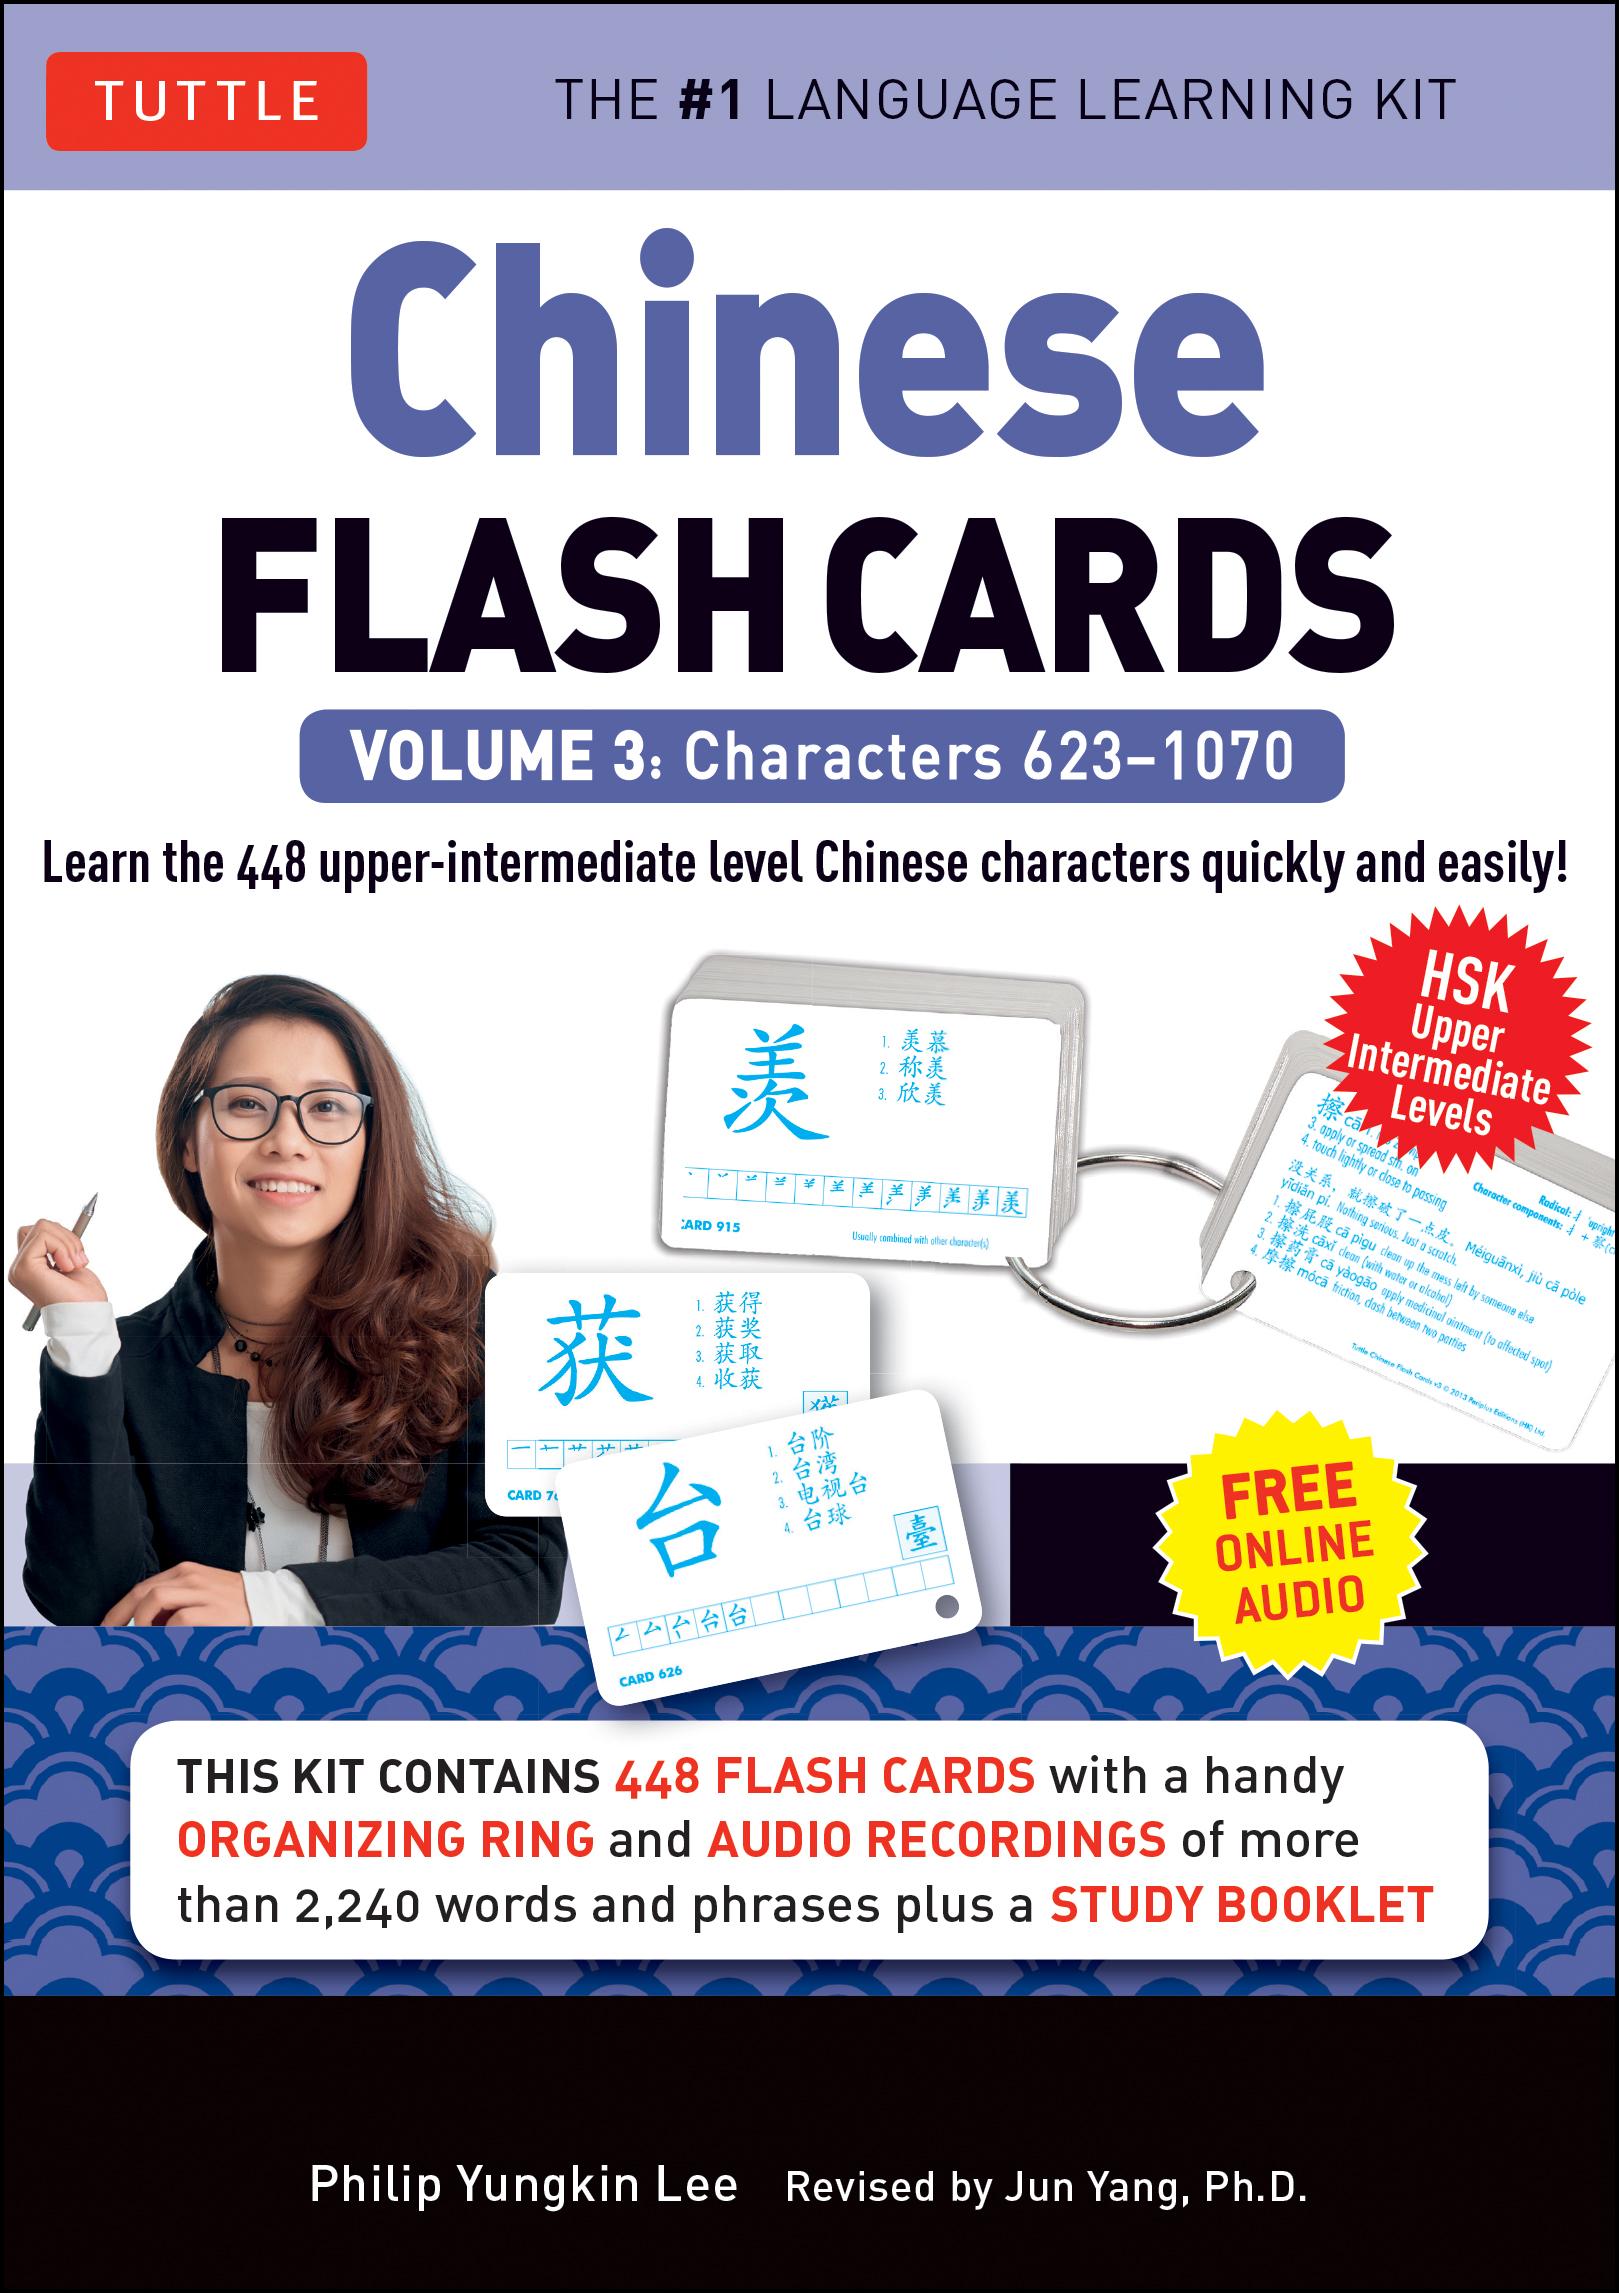 Chinese Flash Cards Kit Volume 3